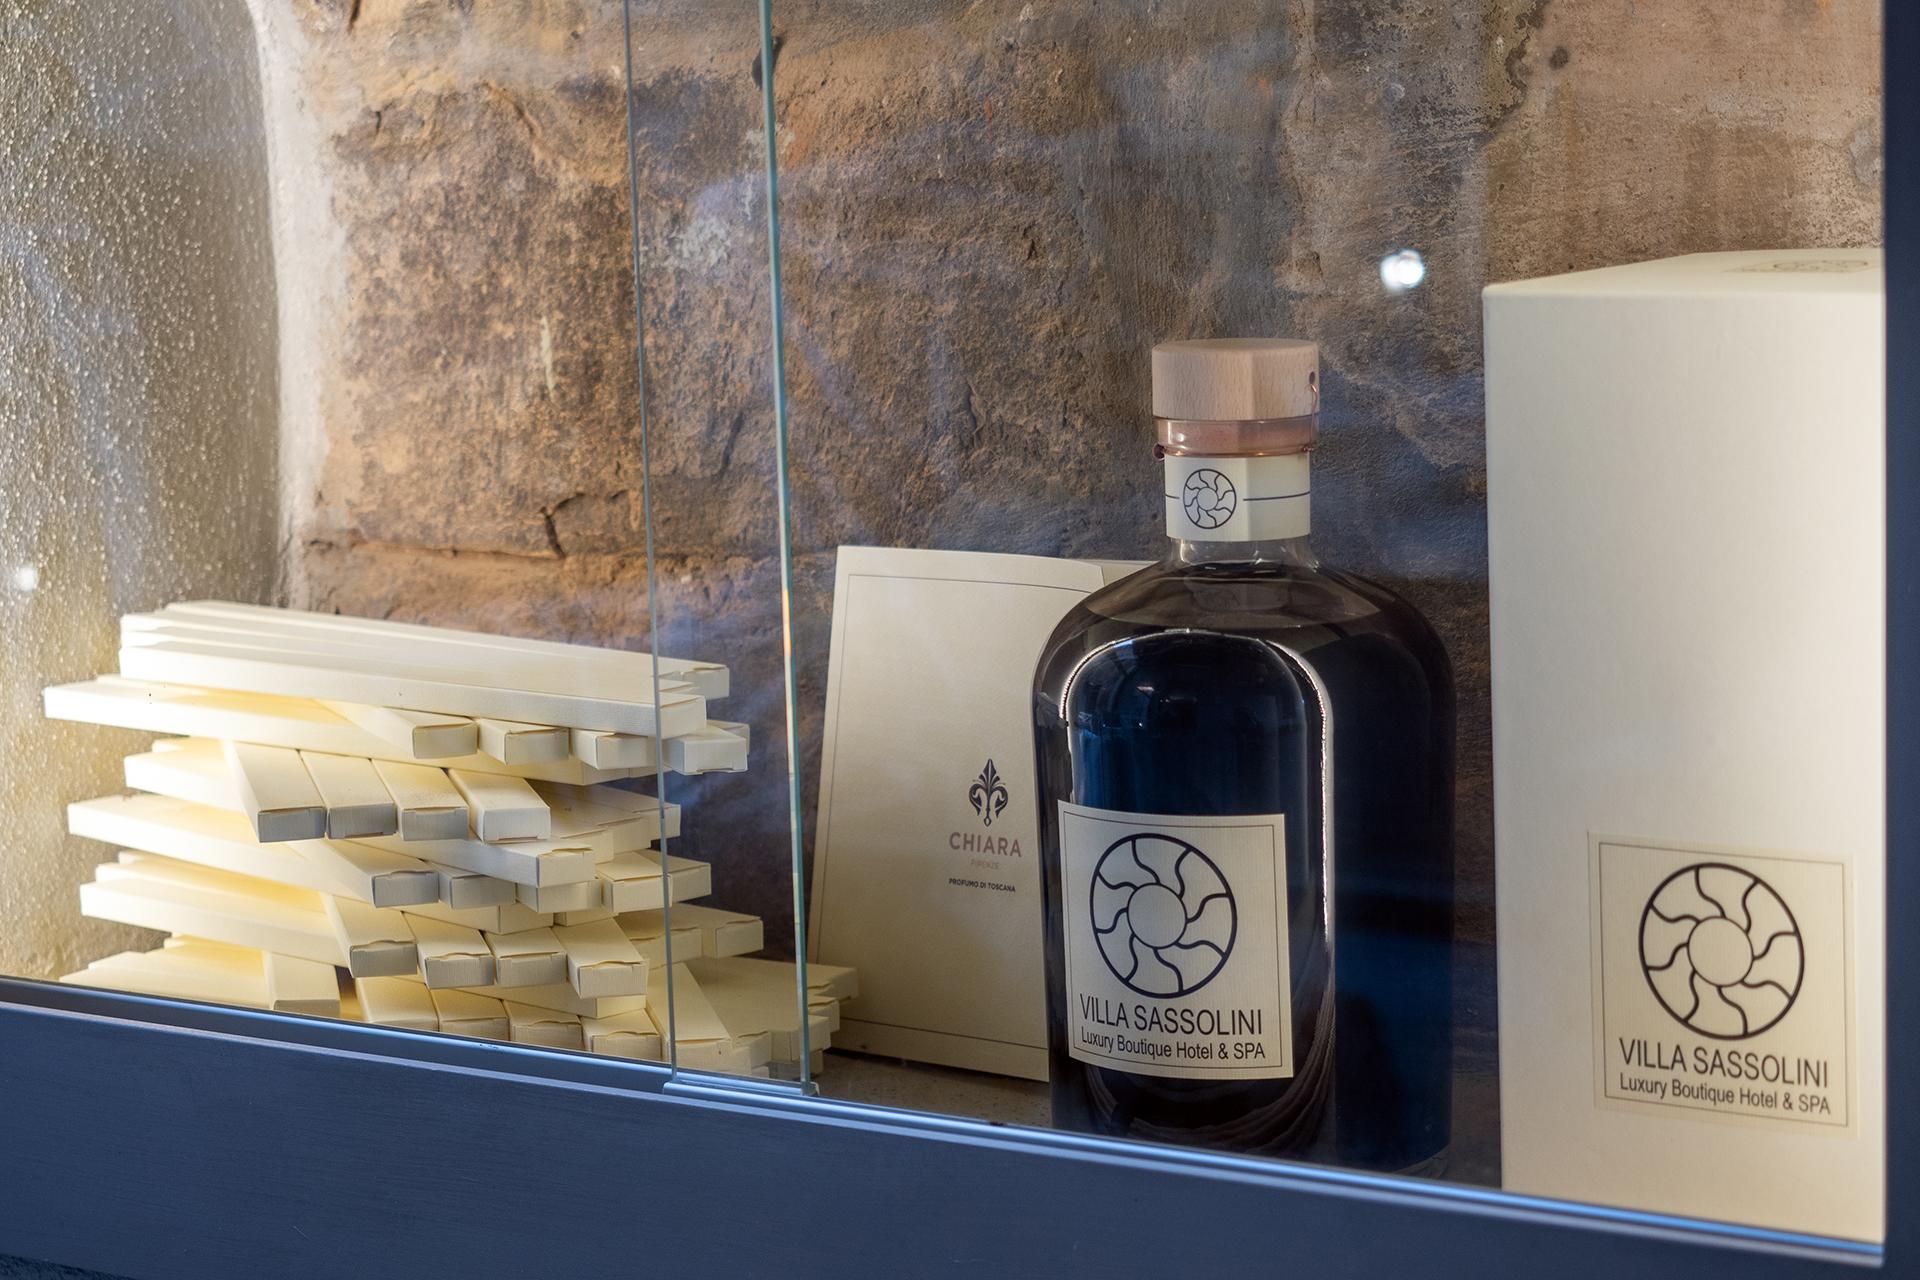 Villa Sassolini, hotel di design in Toscana, prodotti di cortesia scelti con cura